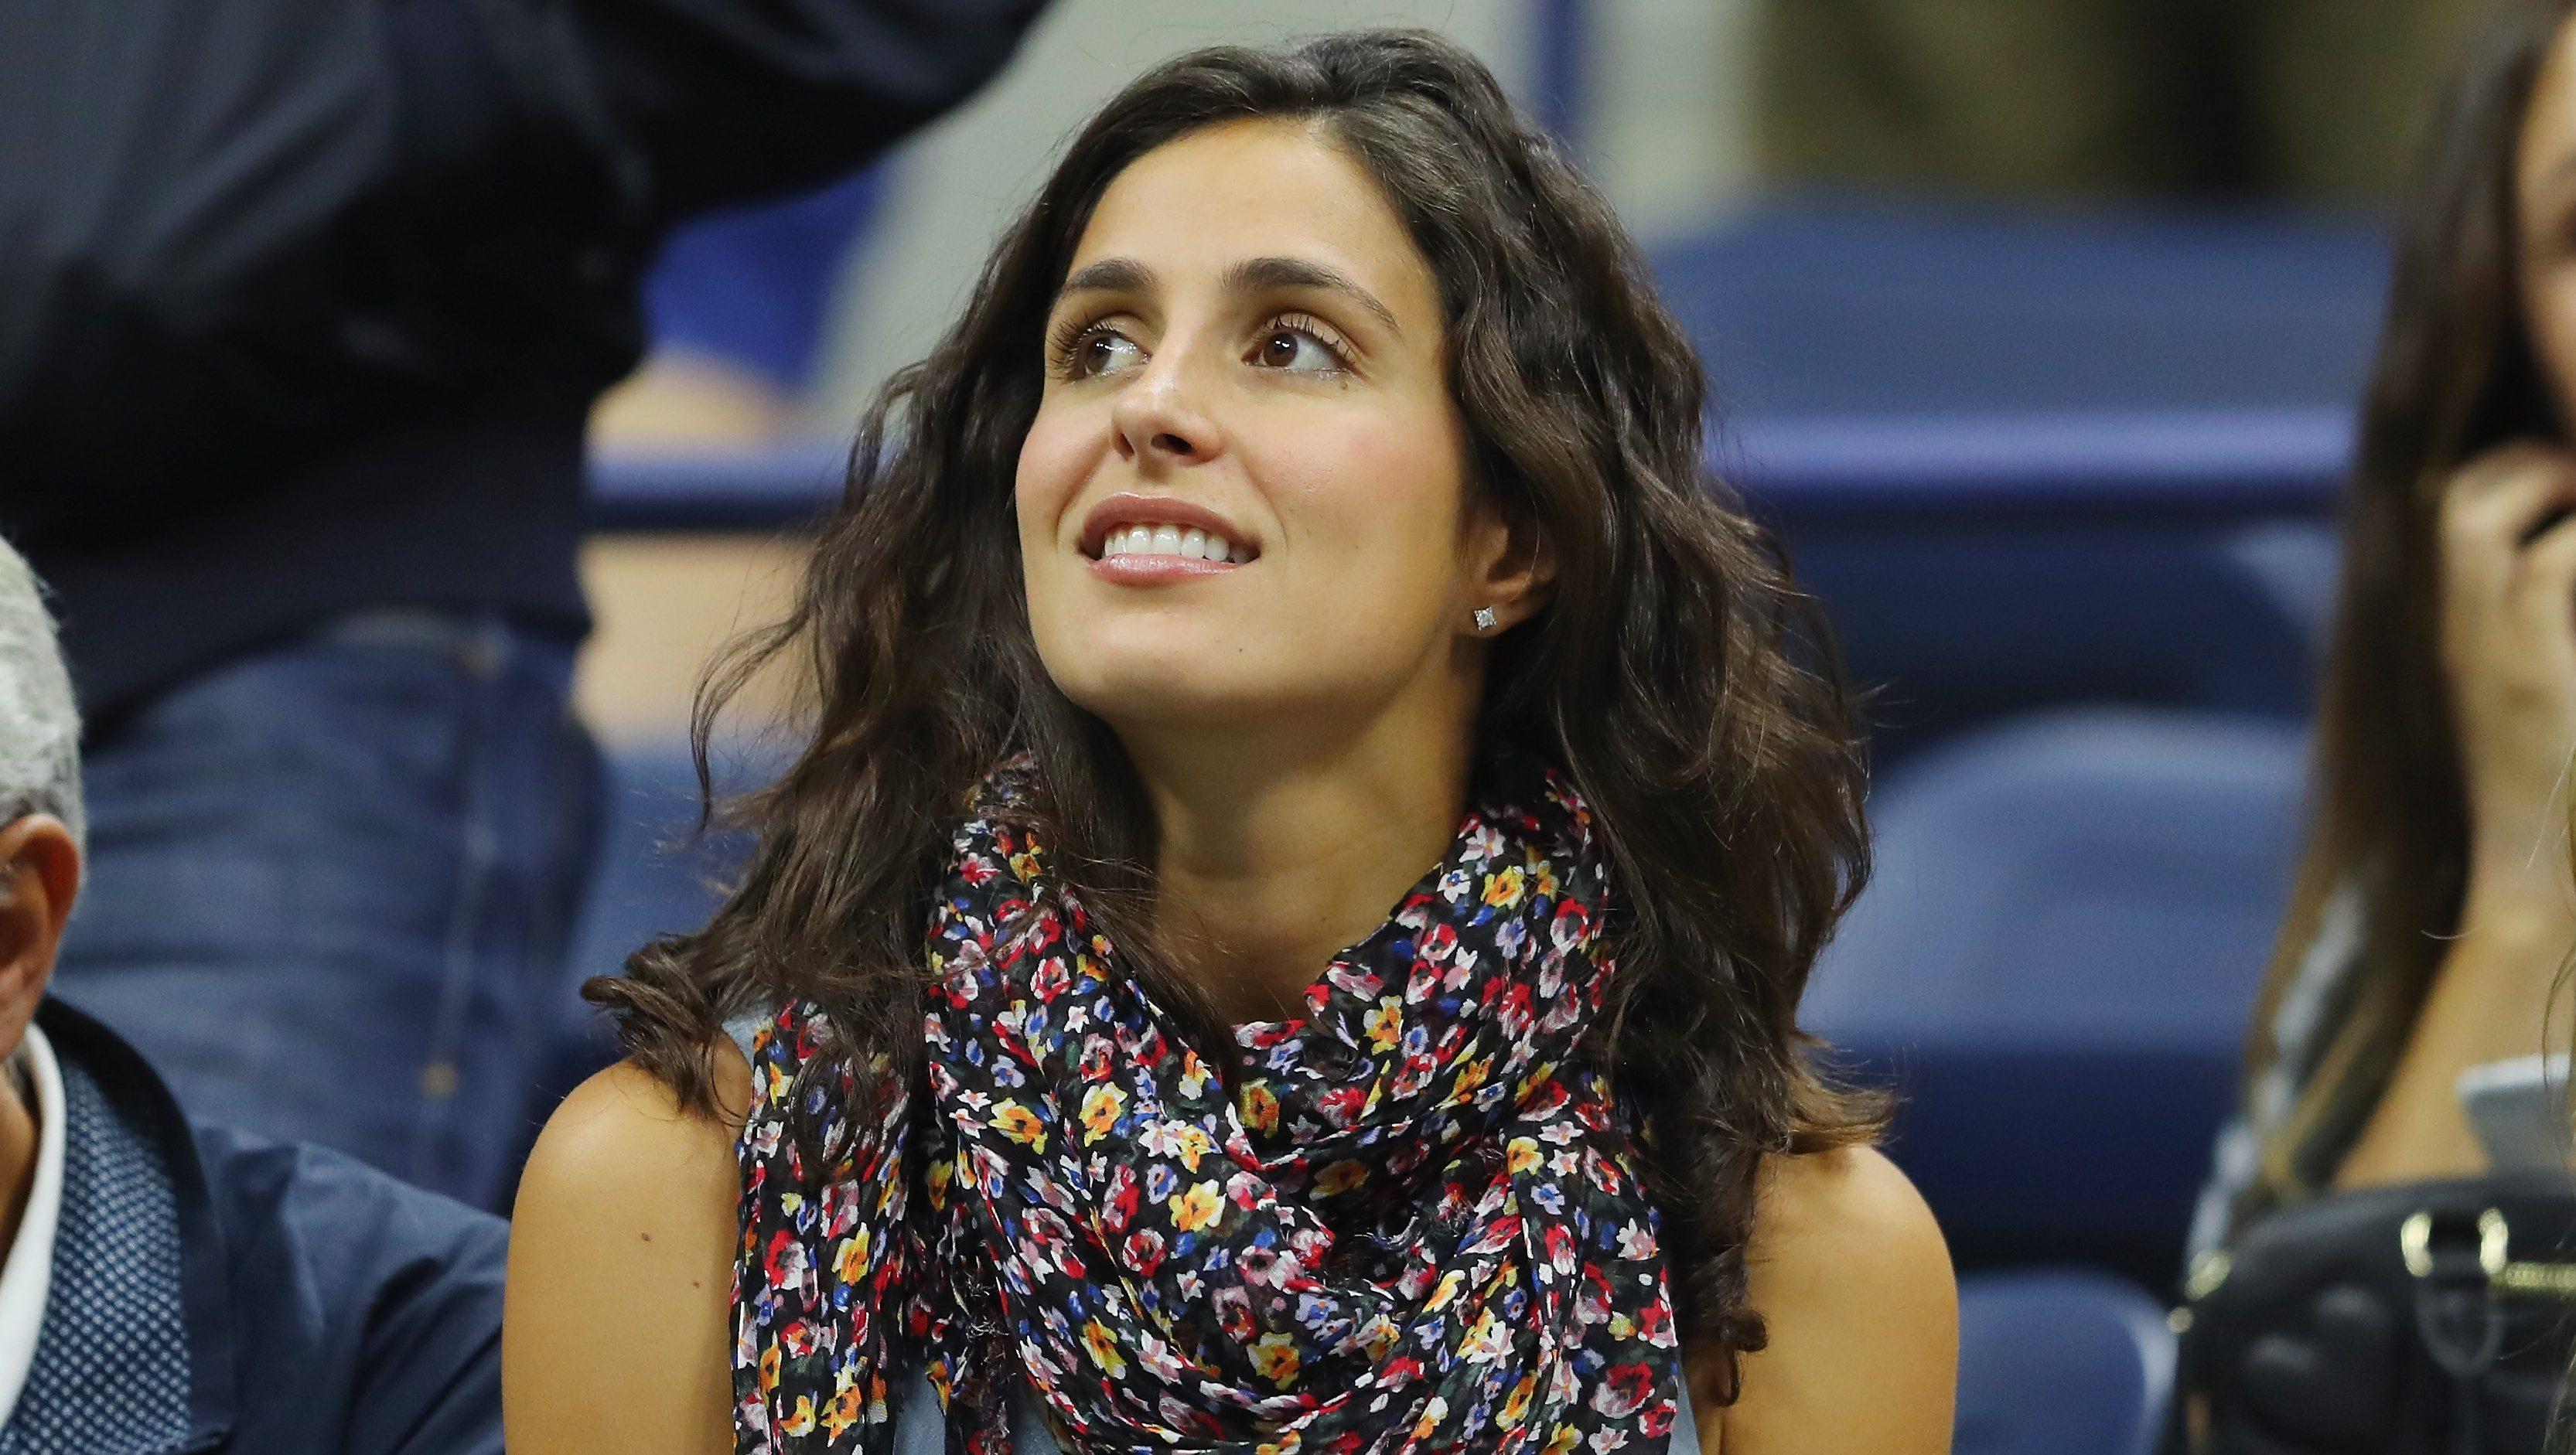 Nadal S Girlfriend Maria Perello Has Wedding In Future Heavy Com